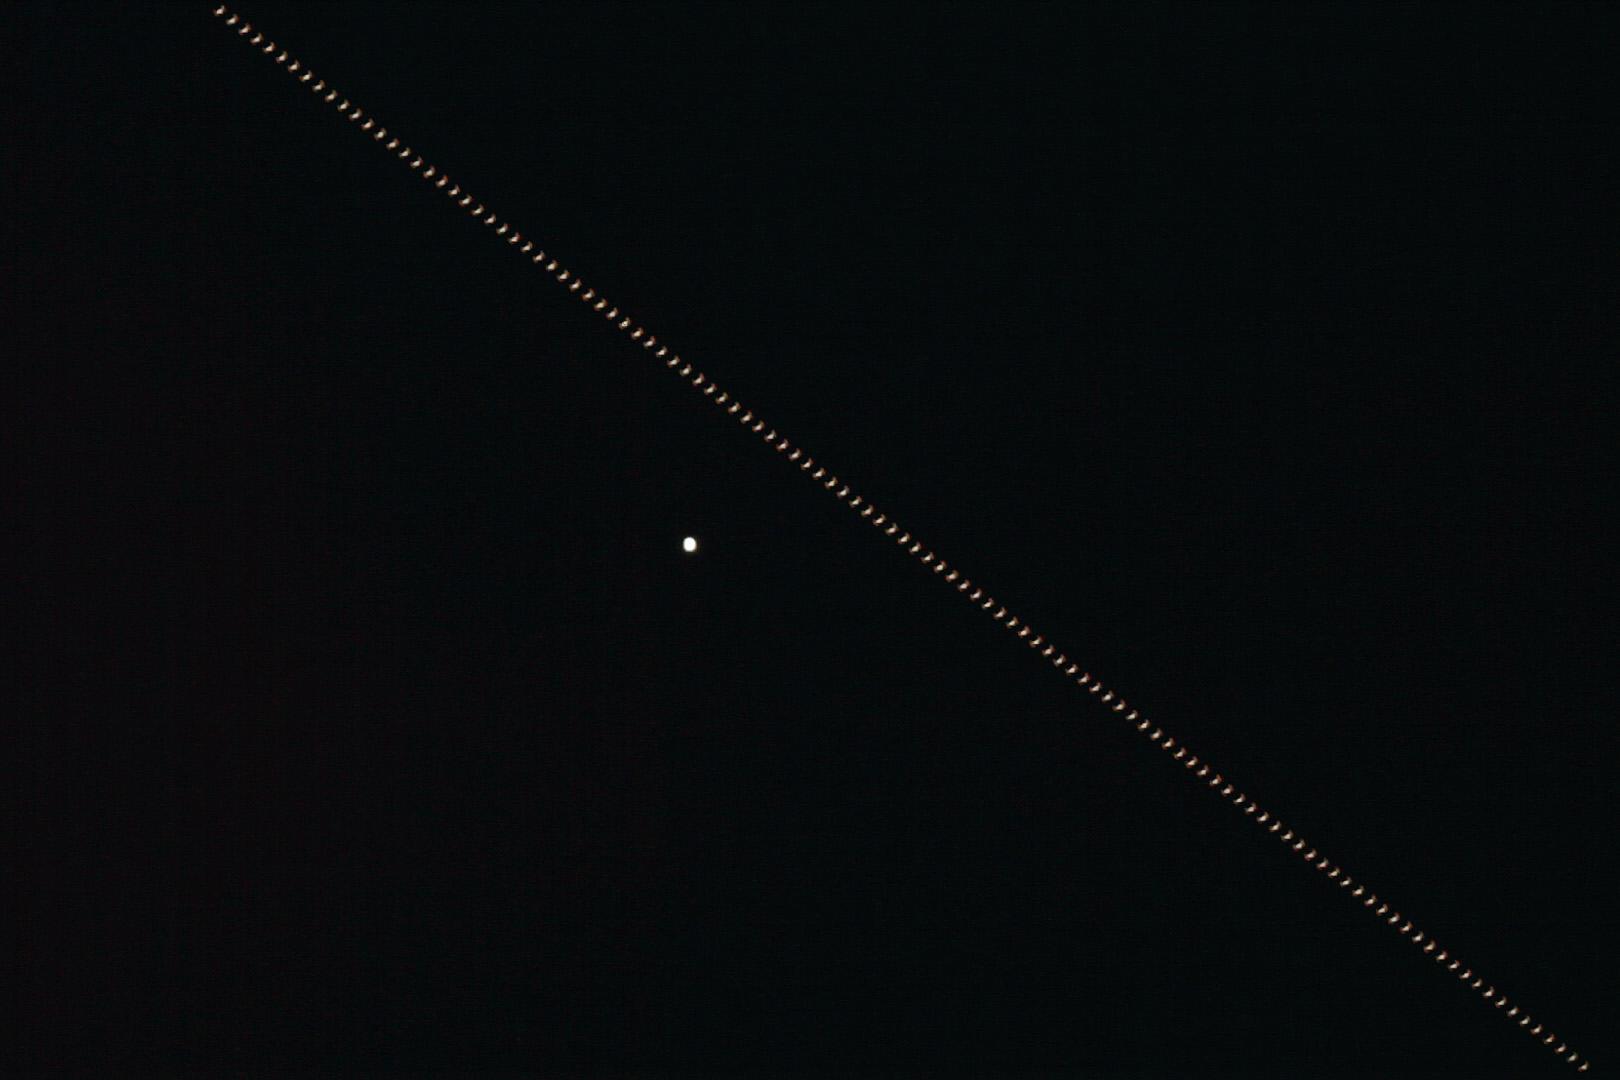 ステーション 見え き 宇宙 方 ぼう 国際